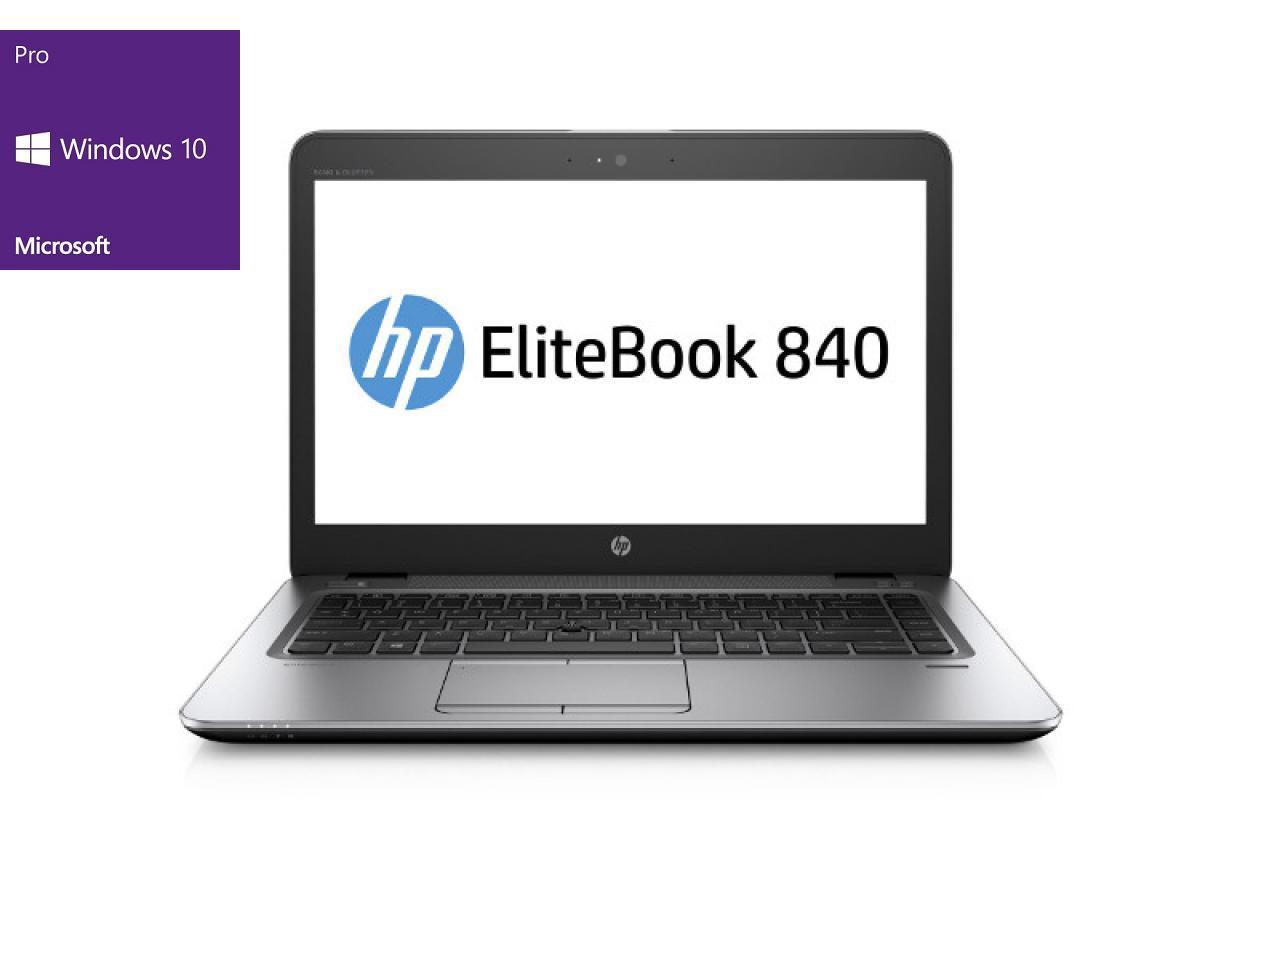 Hewlett Packard EliteBook 840 G4  - shop.bb-net.de